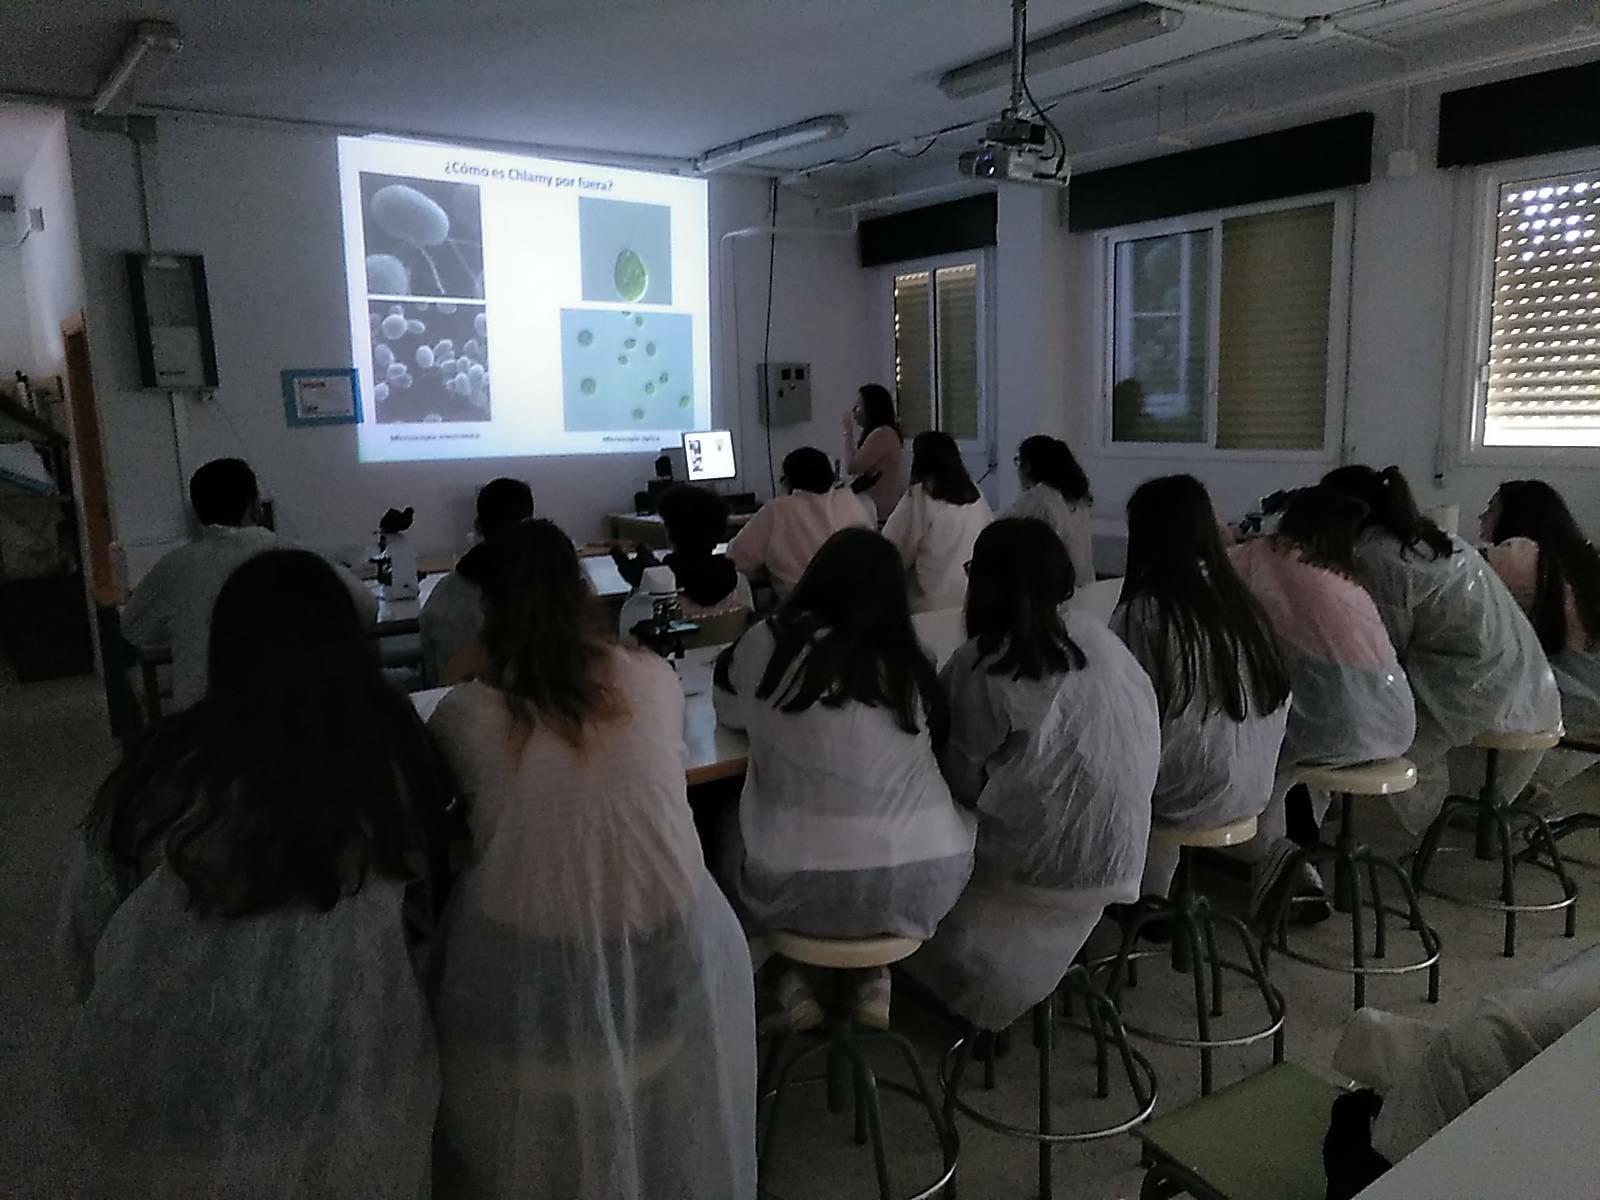 Charla-Inmaculada-Couso-Día-Internacional-de-la-mujer-y-la-niña-en-la-Ciencia-2